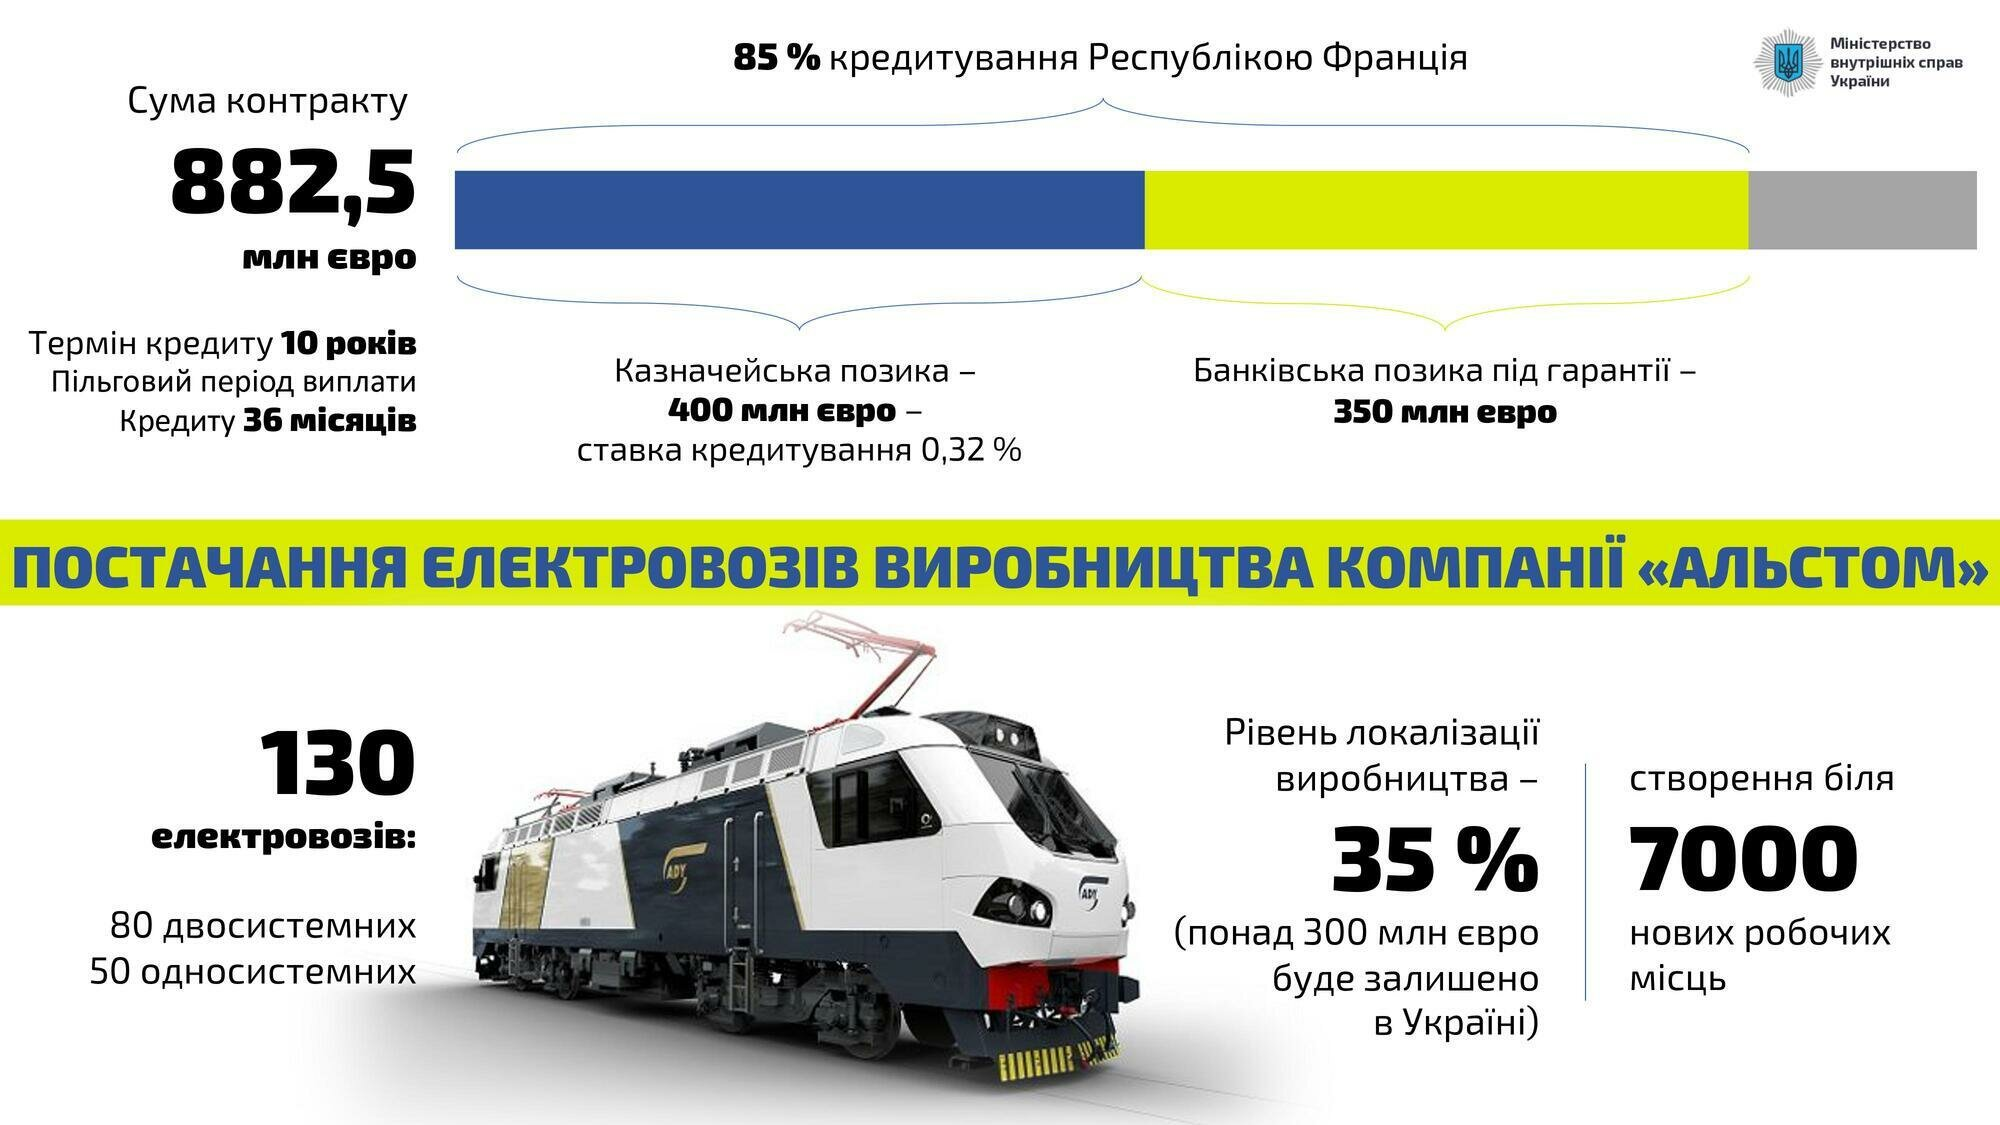 Украина и Франция заключили четыре соглашения на более 1 млрд грн: Аваков раскрыл детали